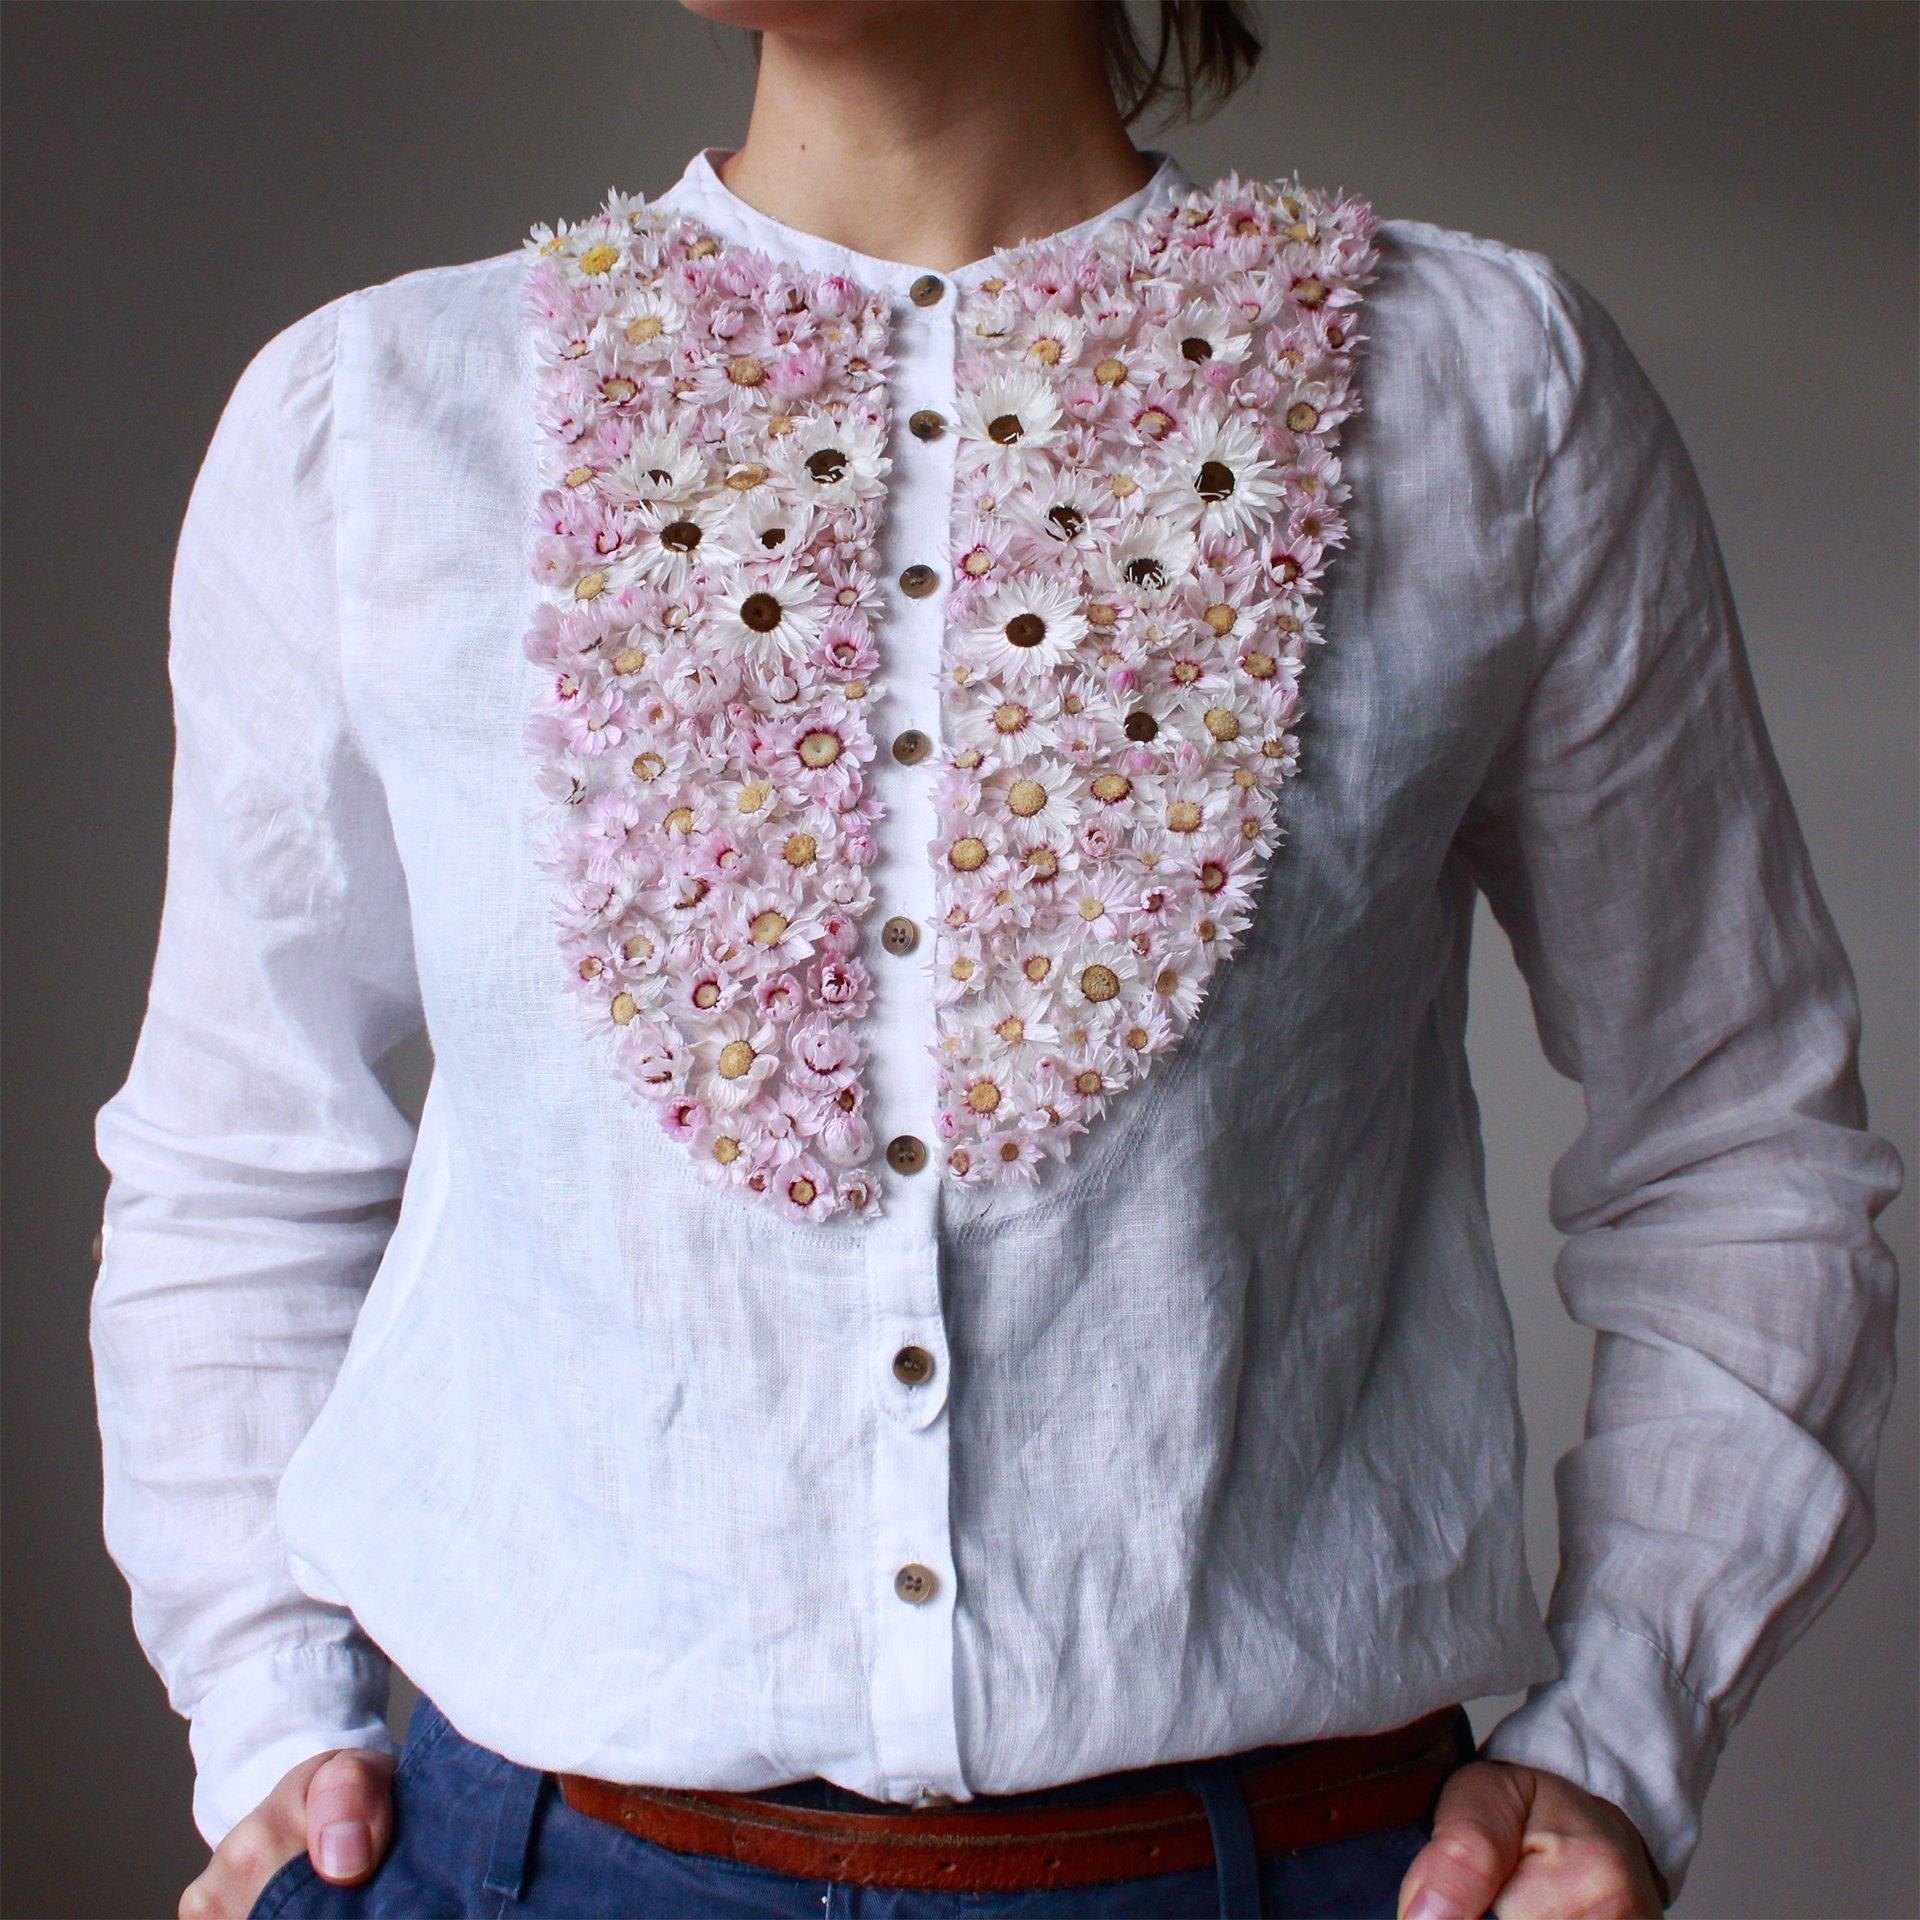 Intervista Olga Prinku, creatrice ricami in tulle, fiori secchi camicia